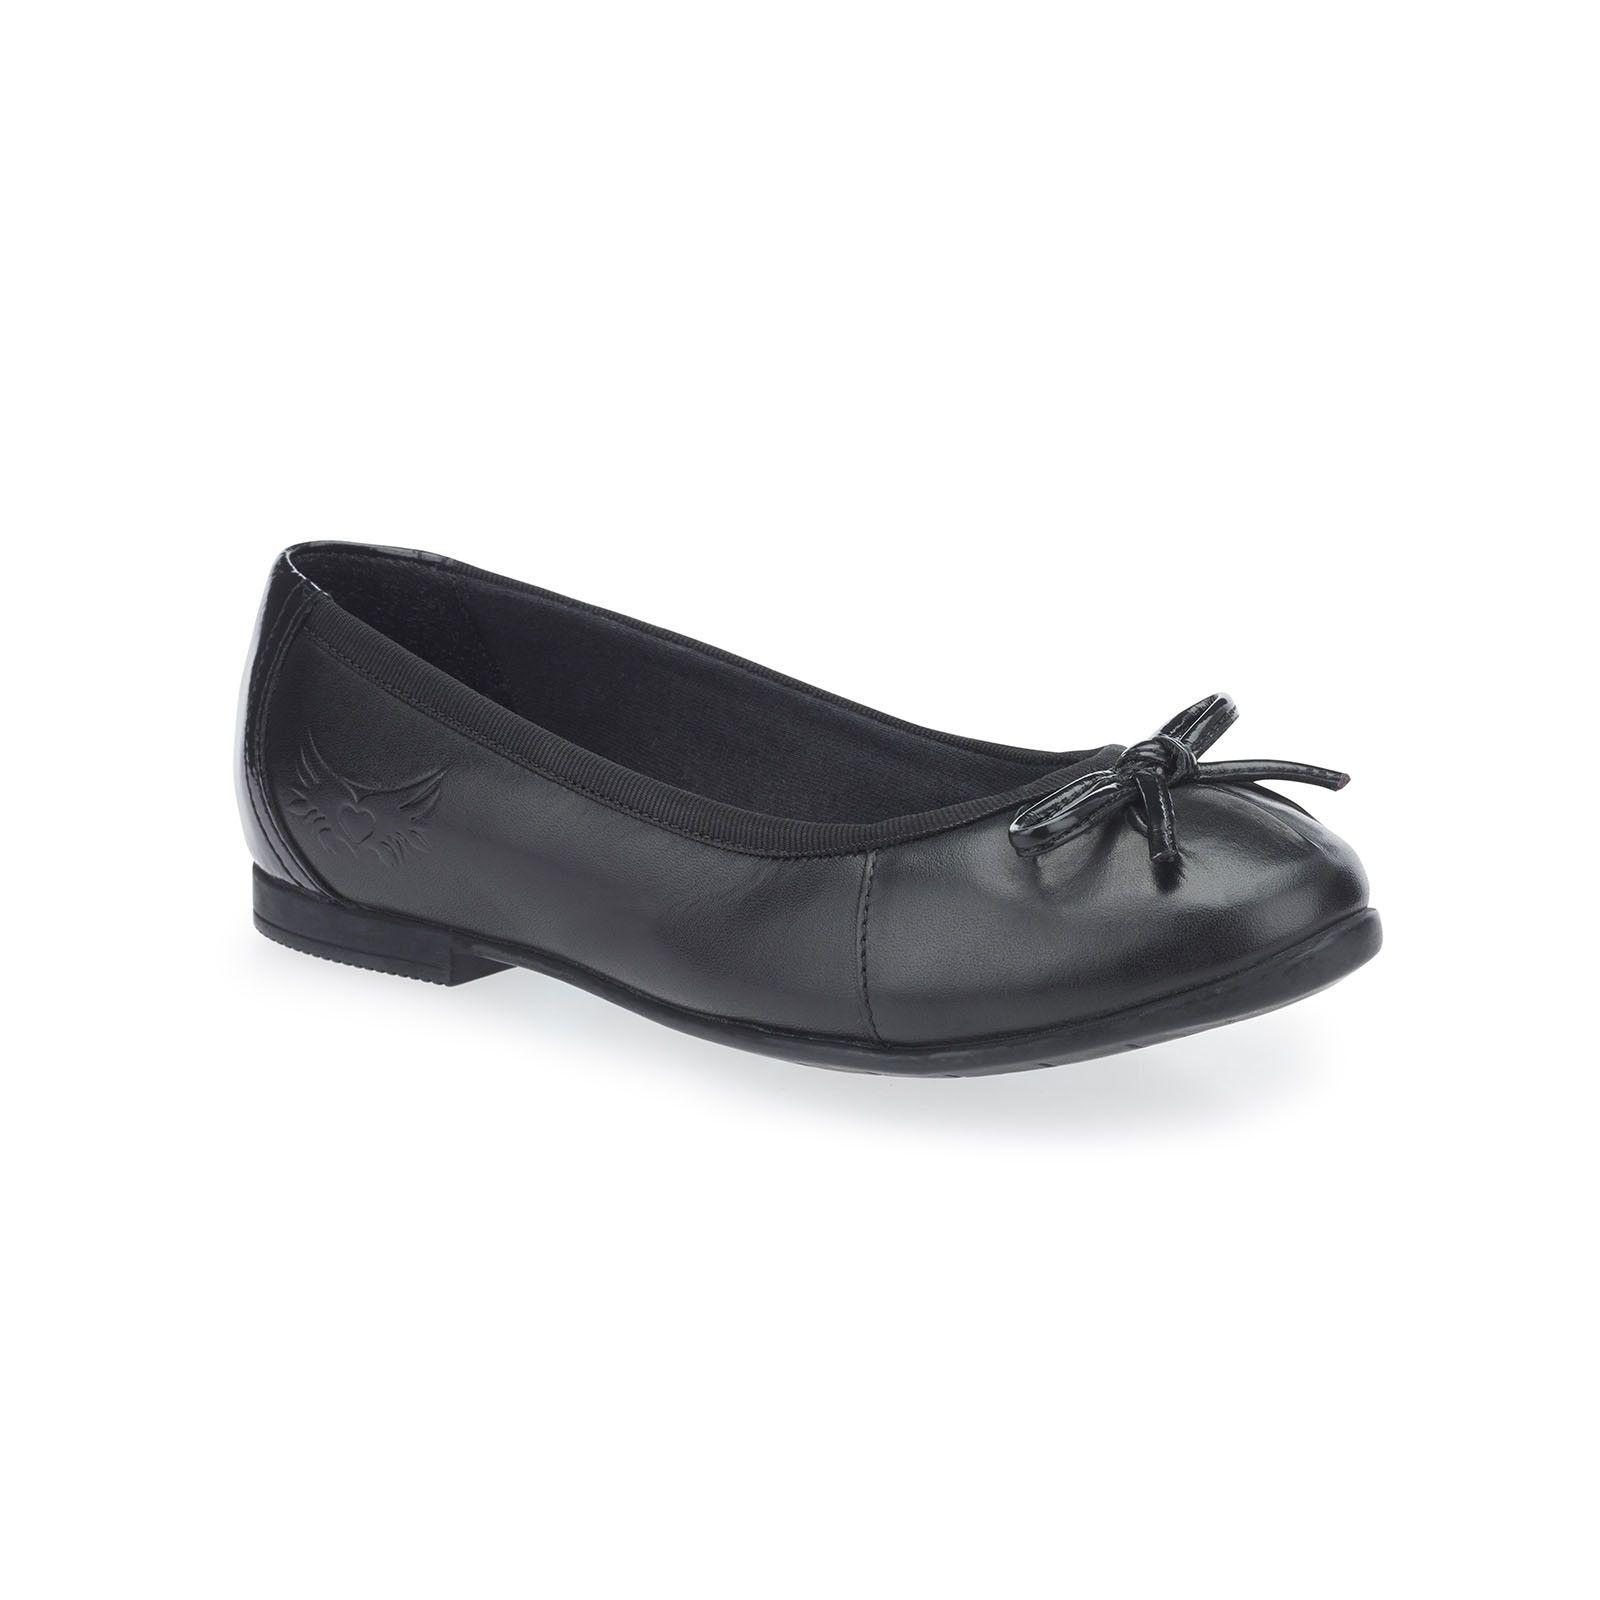 Ballerina, Black Leather Girls Slip-on